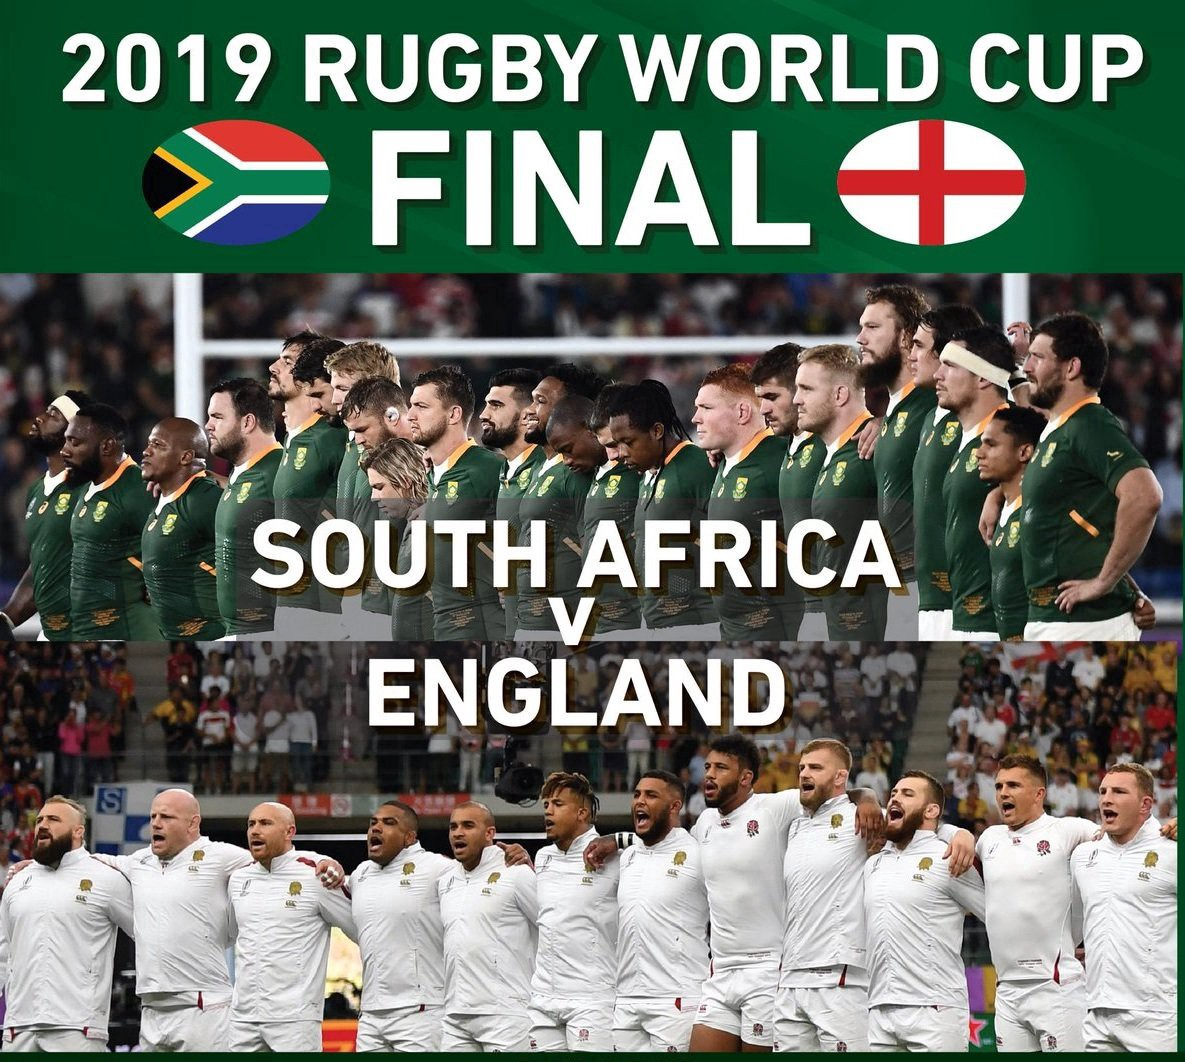 【ラグビー】 ワールドカップ2019 南アフリカがイングランドを制し優勝!!